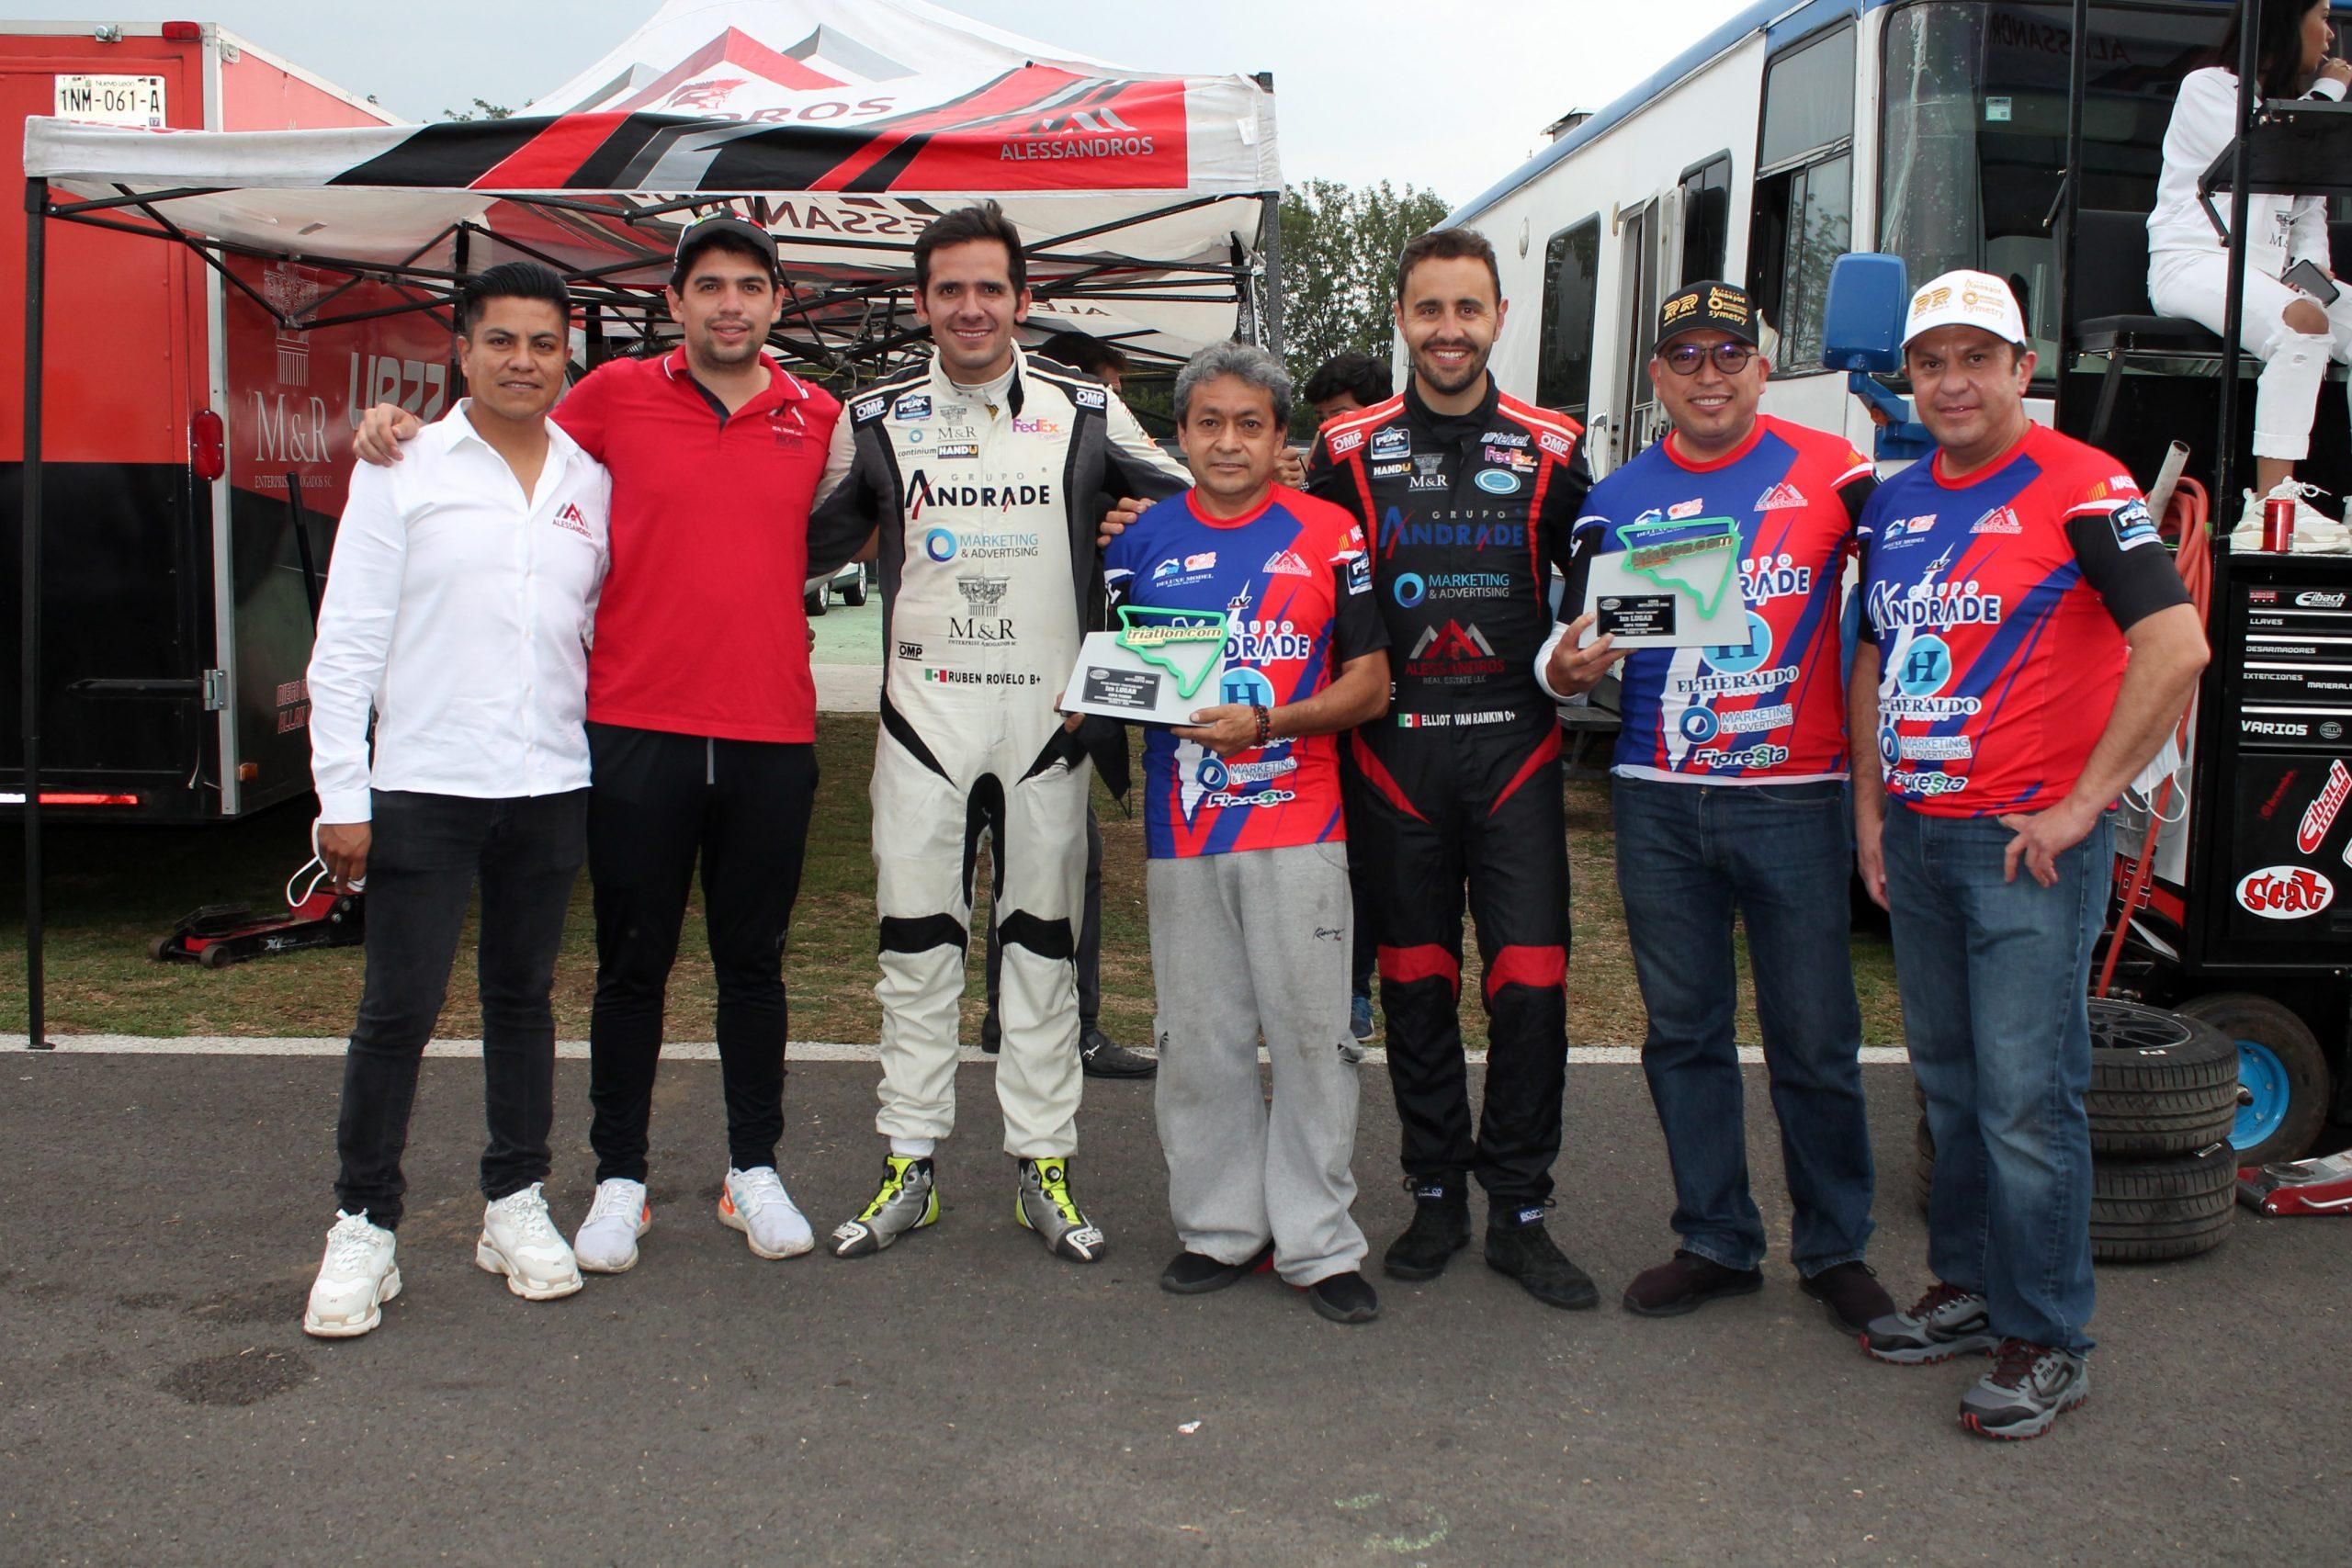 4 de 4 para Alessandros Racing en TC2000